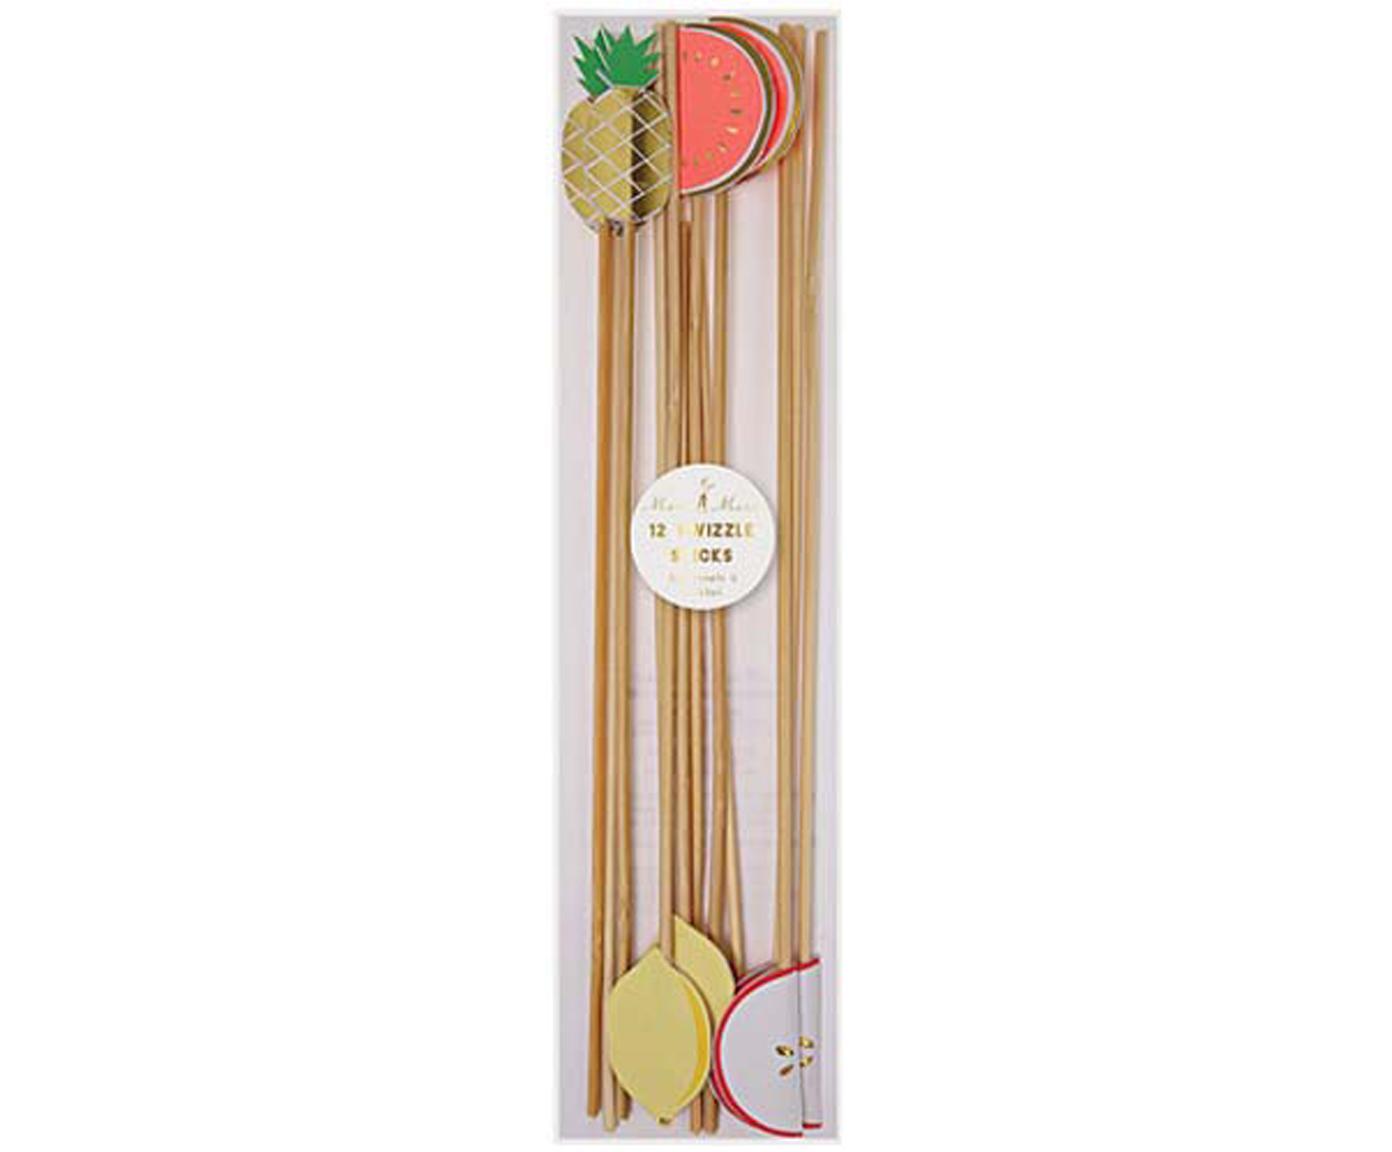 Set de removedores Fruit Party, 12pzas., Papel, madera, Multicolor, L 25 x An 2 cm